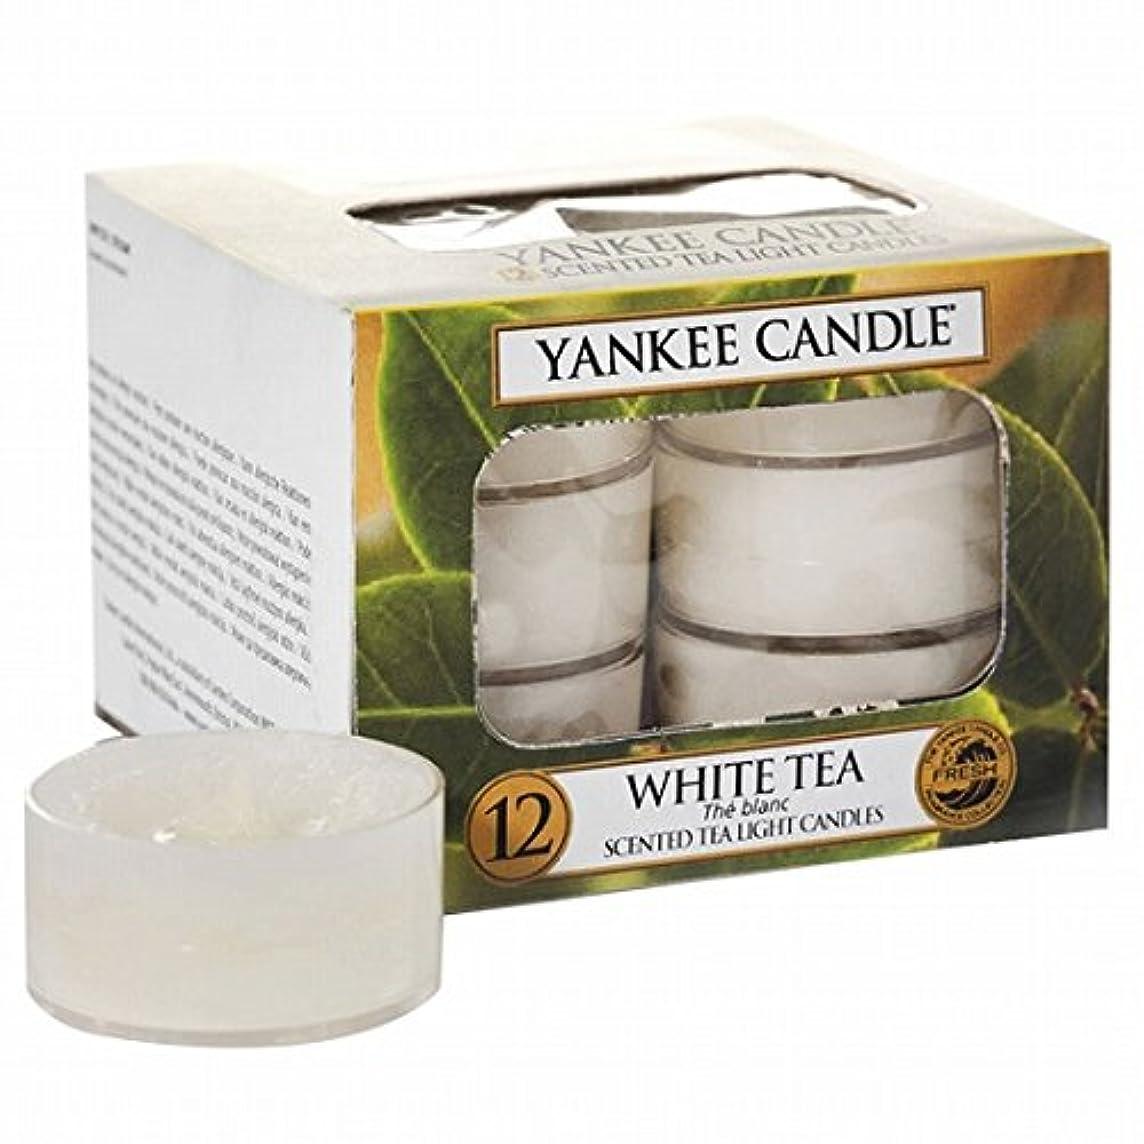 規定散らすマーキーヤンキーキャンドル(YANKEE CANDLE) YANKEE CANDLE クリアカップティーライト12個入り 「ホワイトティー」